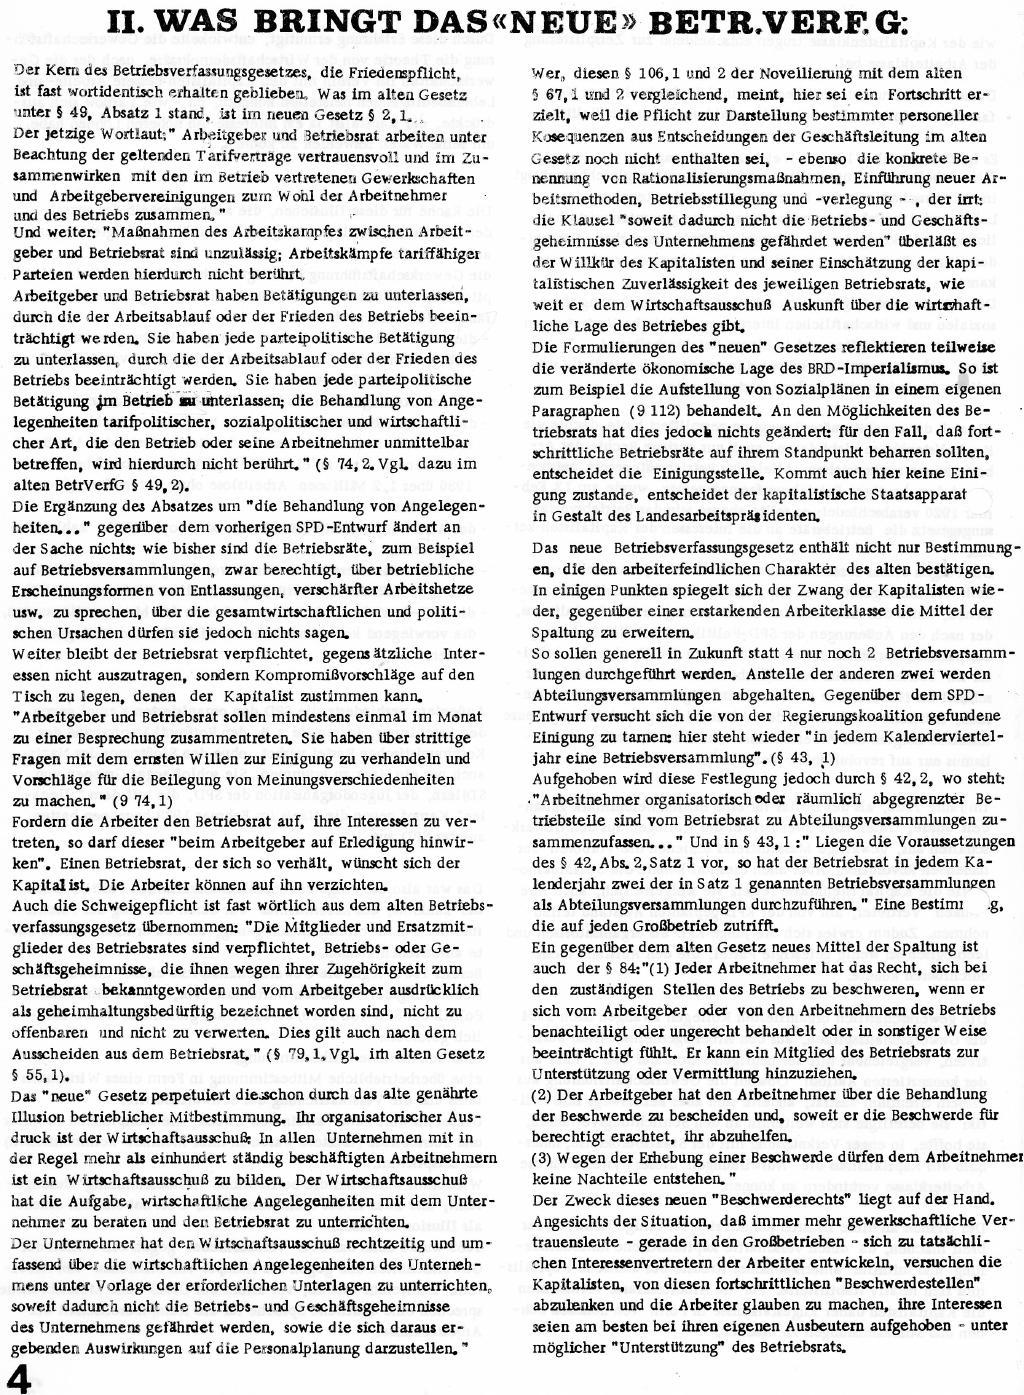 RPK_1971_141_04